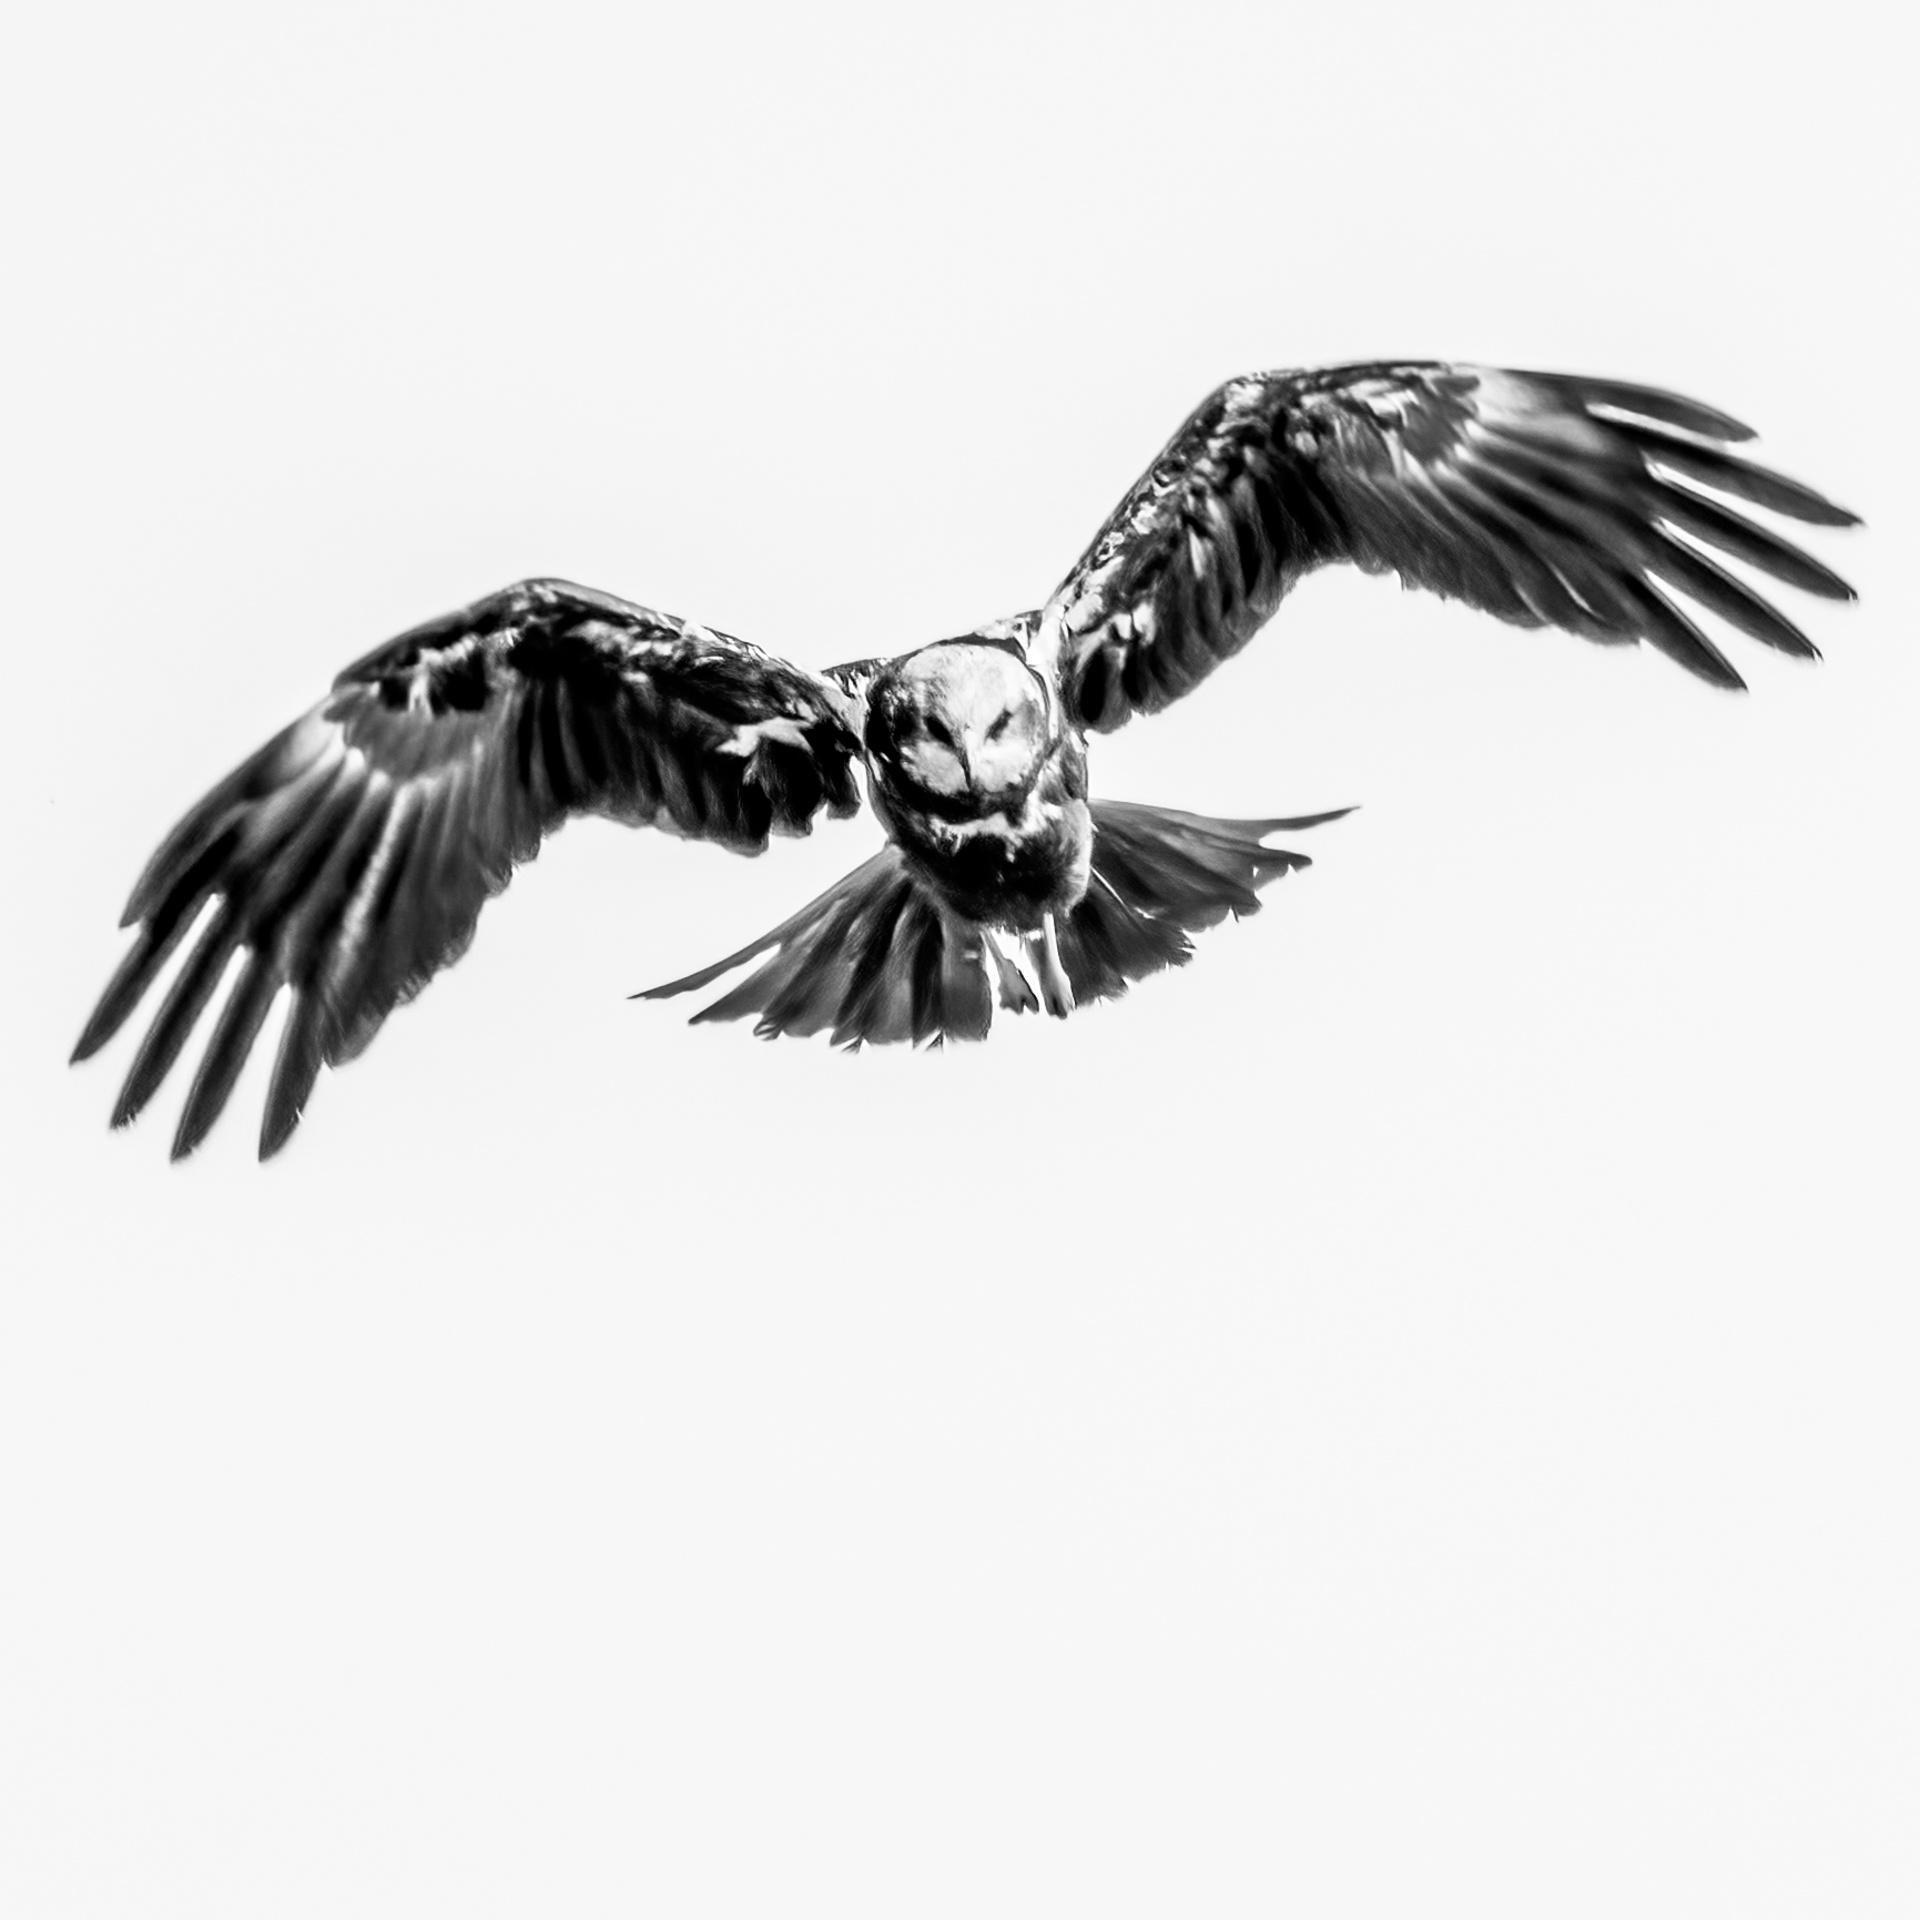 Marsh Hawk hunting-1